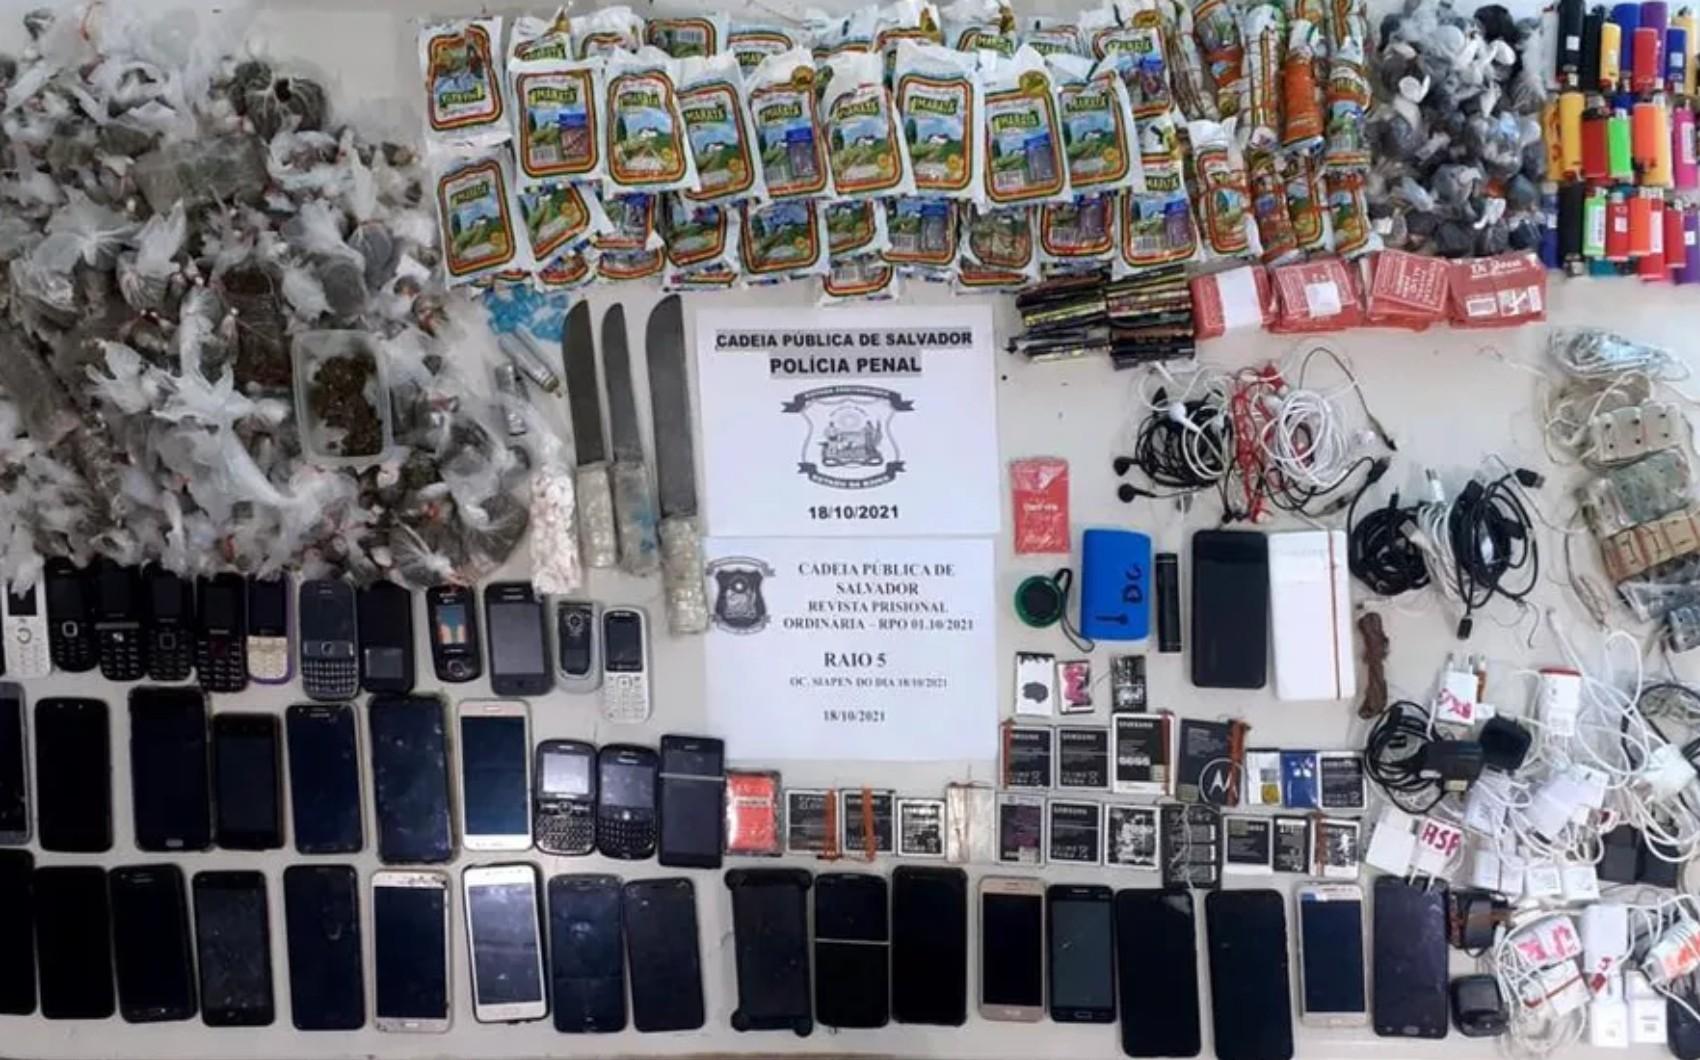 Drogas, armas e telefones celulares são encontrados durante vistoria em celas no conjunto penal de Salvador